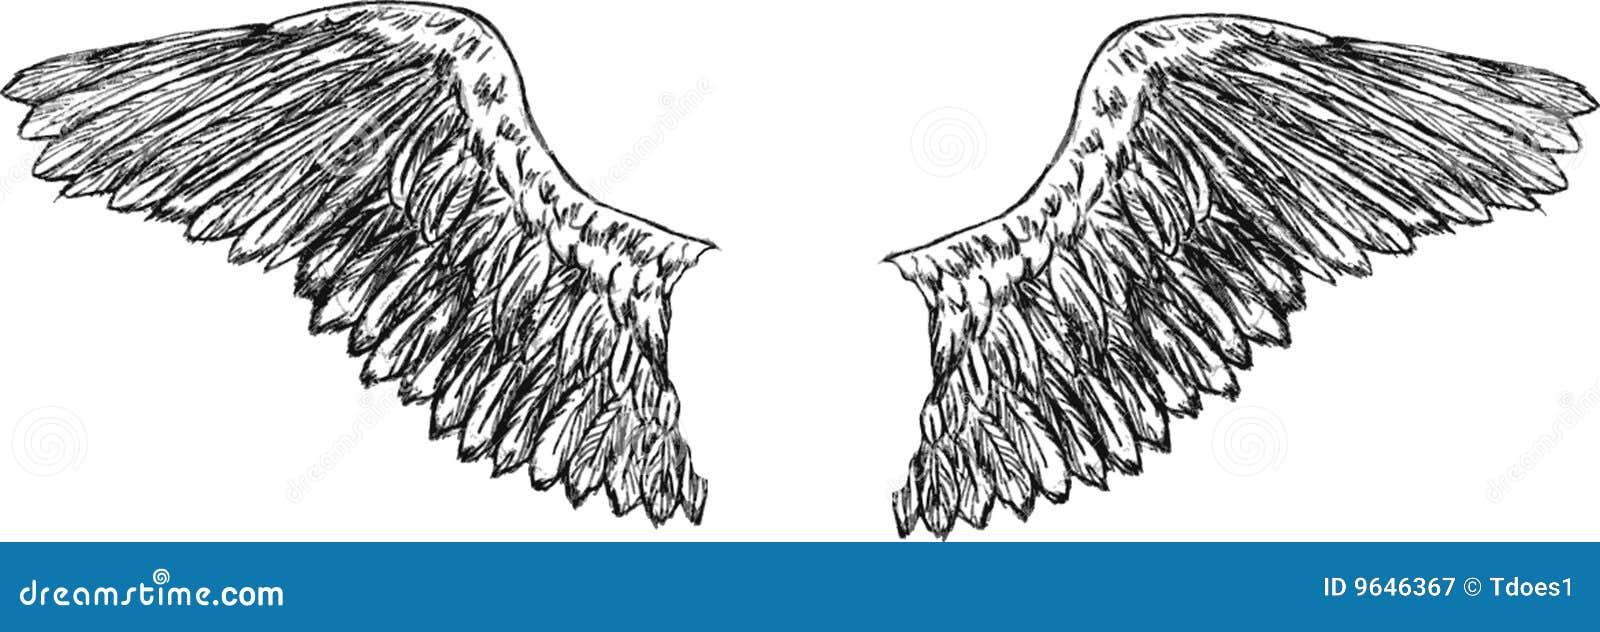 adler wings vektor lizenzfreie stockfotografie bild 9646367. Black Bedroom Furniture Sets. Home Design Ideas